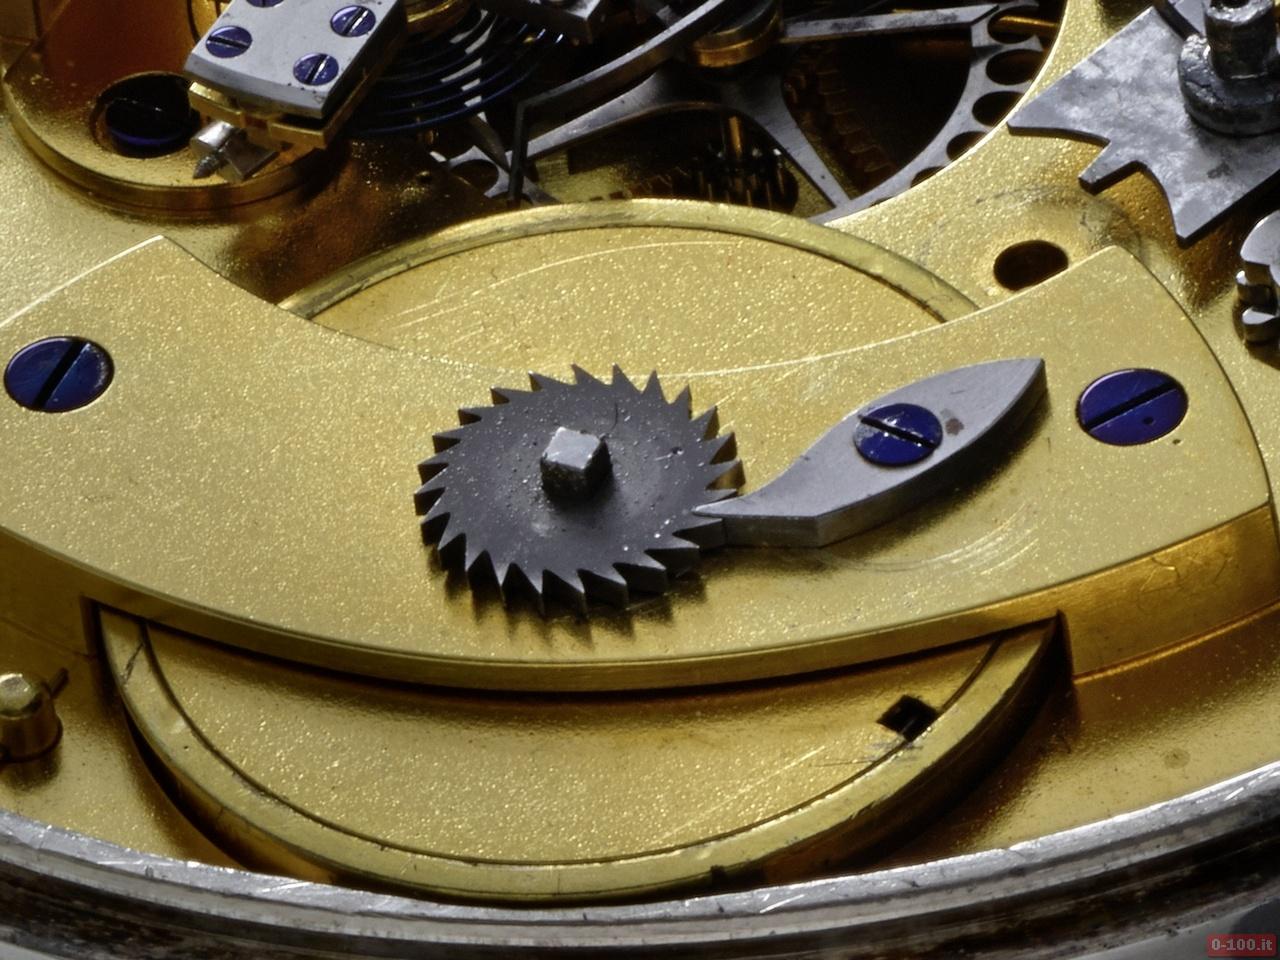 louis-moinet-compteur-de-tierces-chronograph-1816_0-100_19